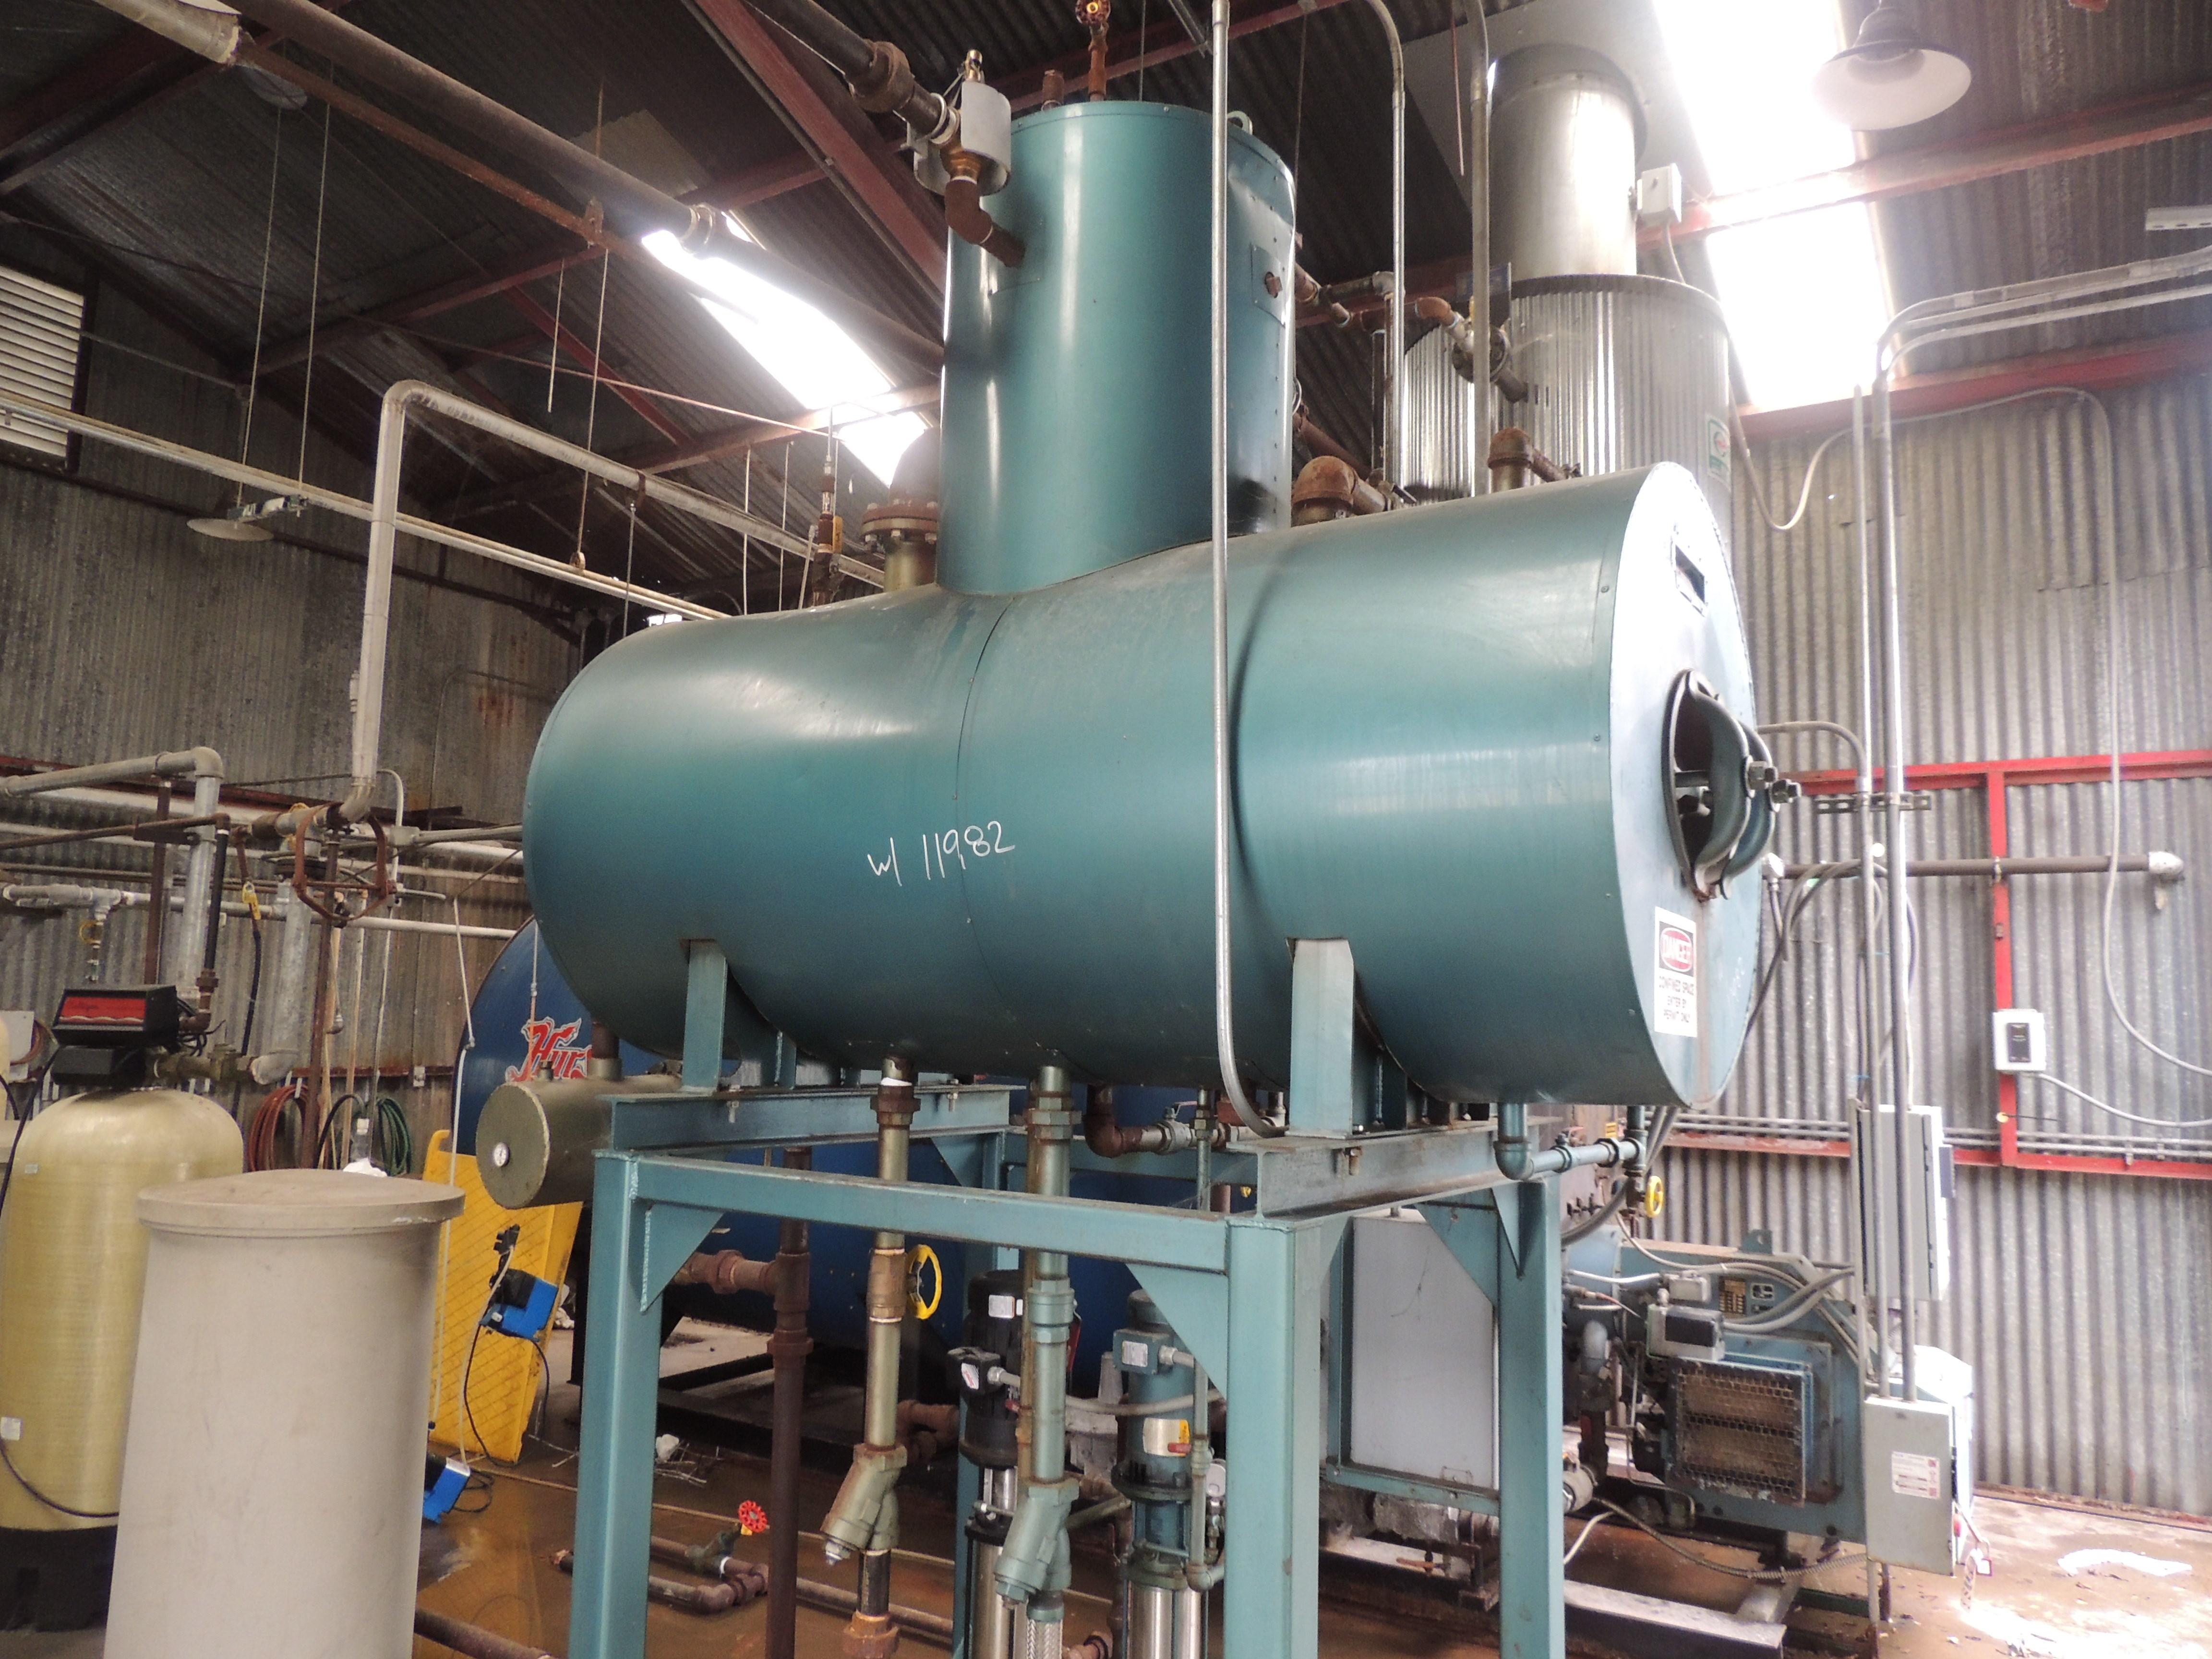 8625 LBS/HR Hurst Firetube Boiler | 11982 | New Used and Surplus ...